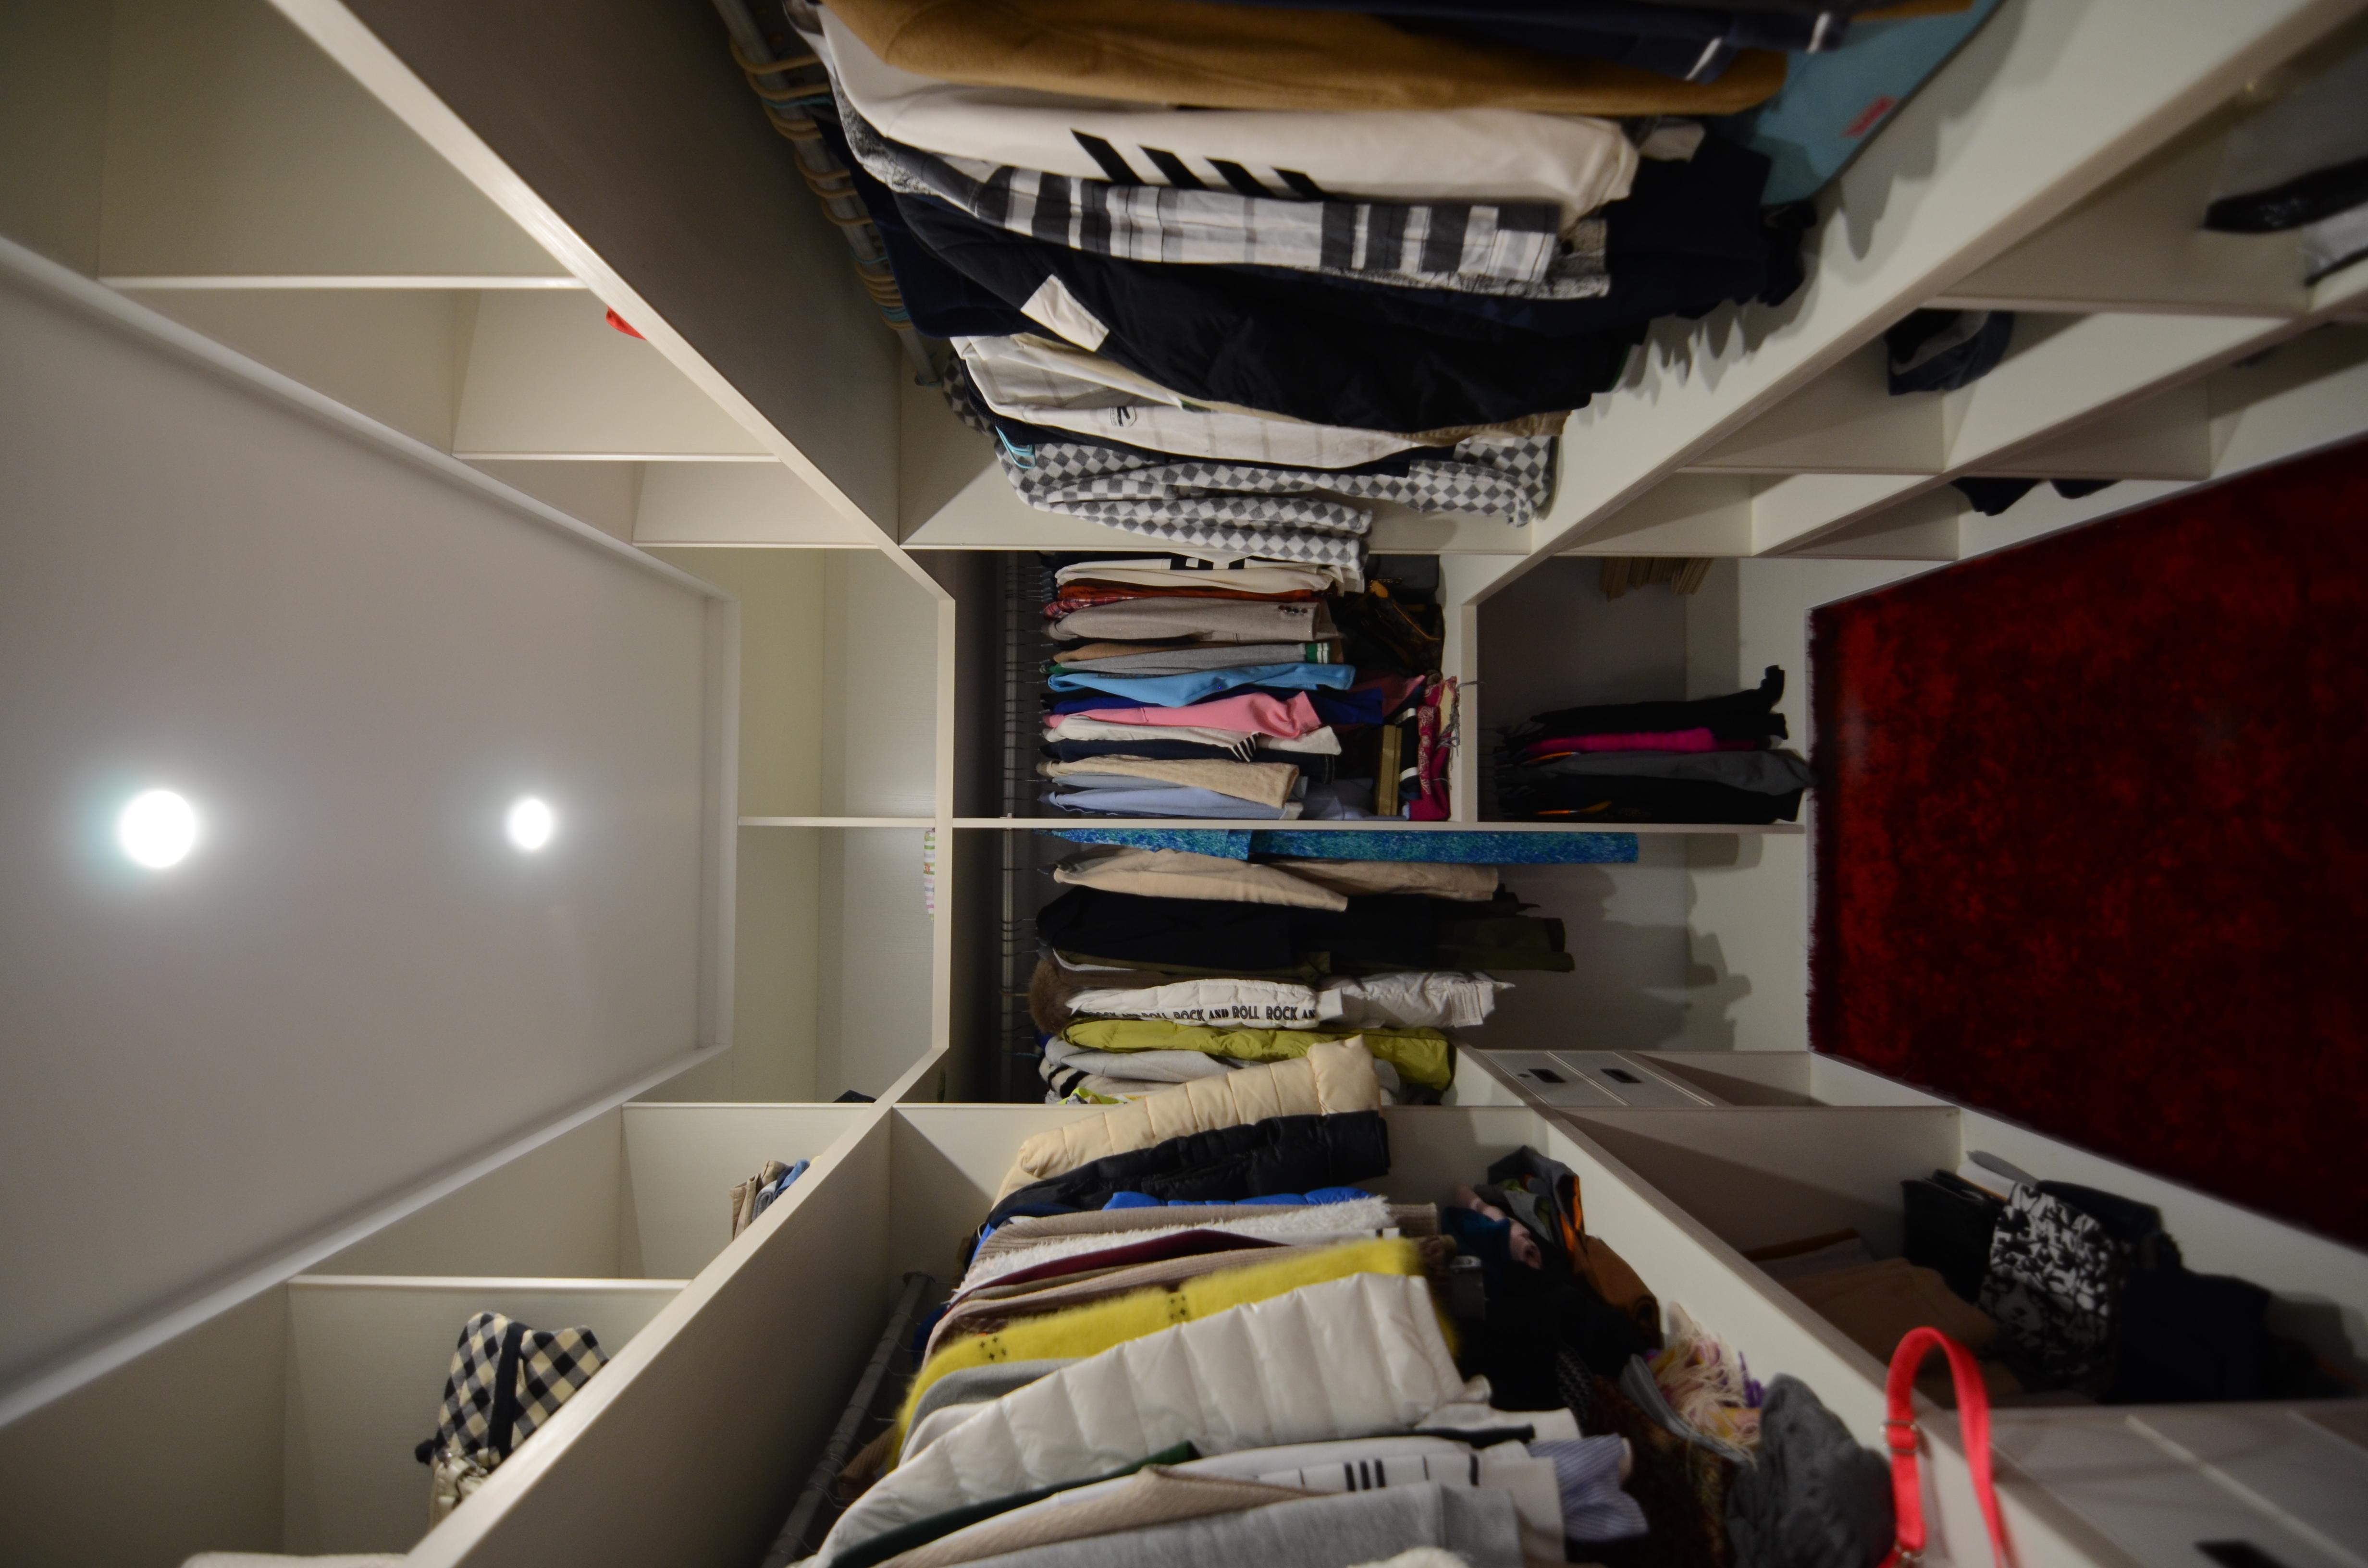 简约 混搭 别墅 白领 80后 小资 收纳 衣帽间图片来自圣奇凯尚室内设计工作室在然·LOVE之融的分享